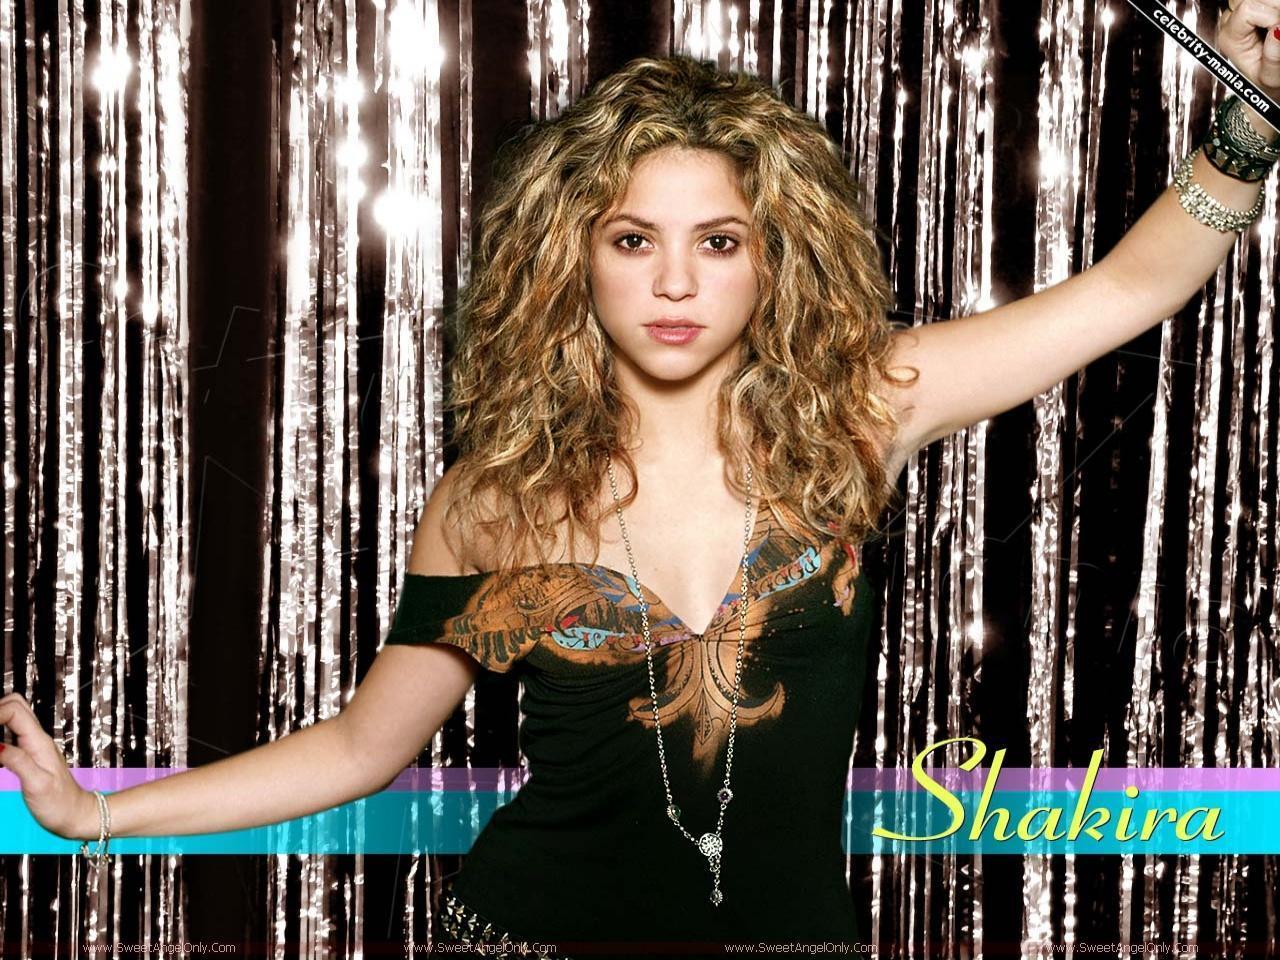 http://1.bp.blogspot.com/-aqQWpAIxQB4/TimF5CMdBAI/AAAAAAAAHk4/QAF4ULY4Jko/s1600/beautiful_shakira_1280x960.jpg